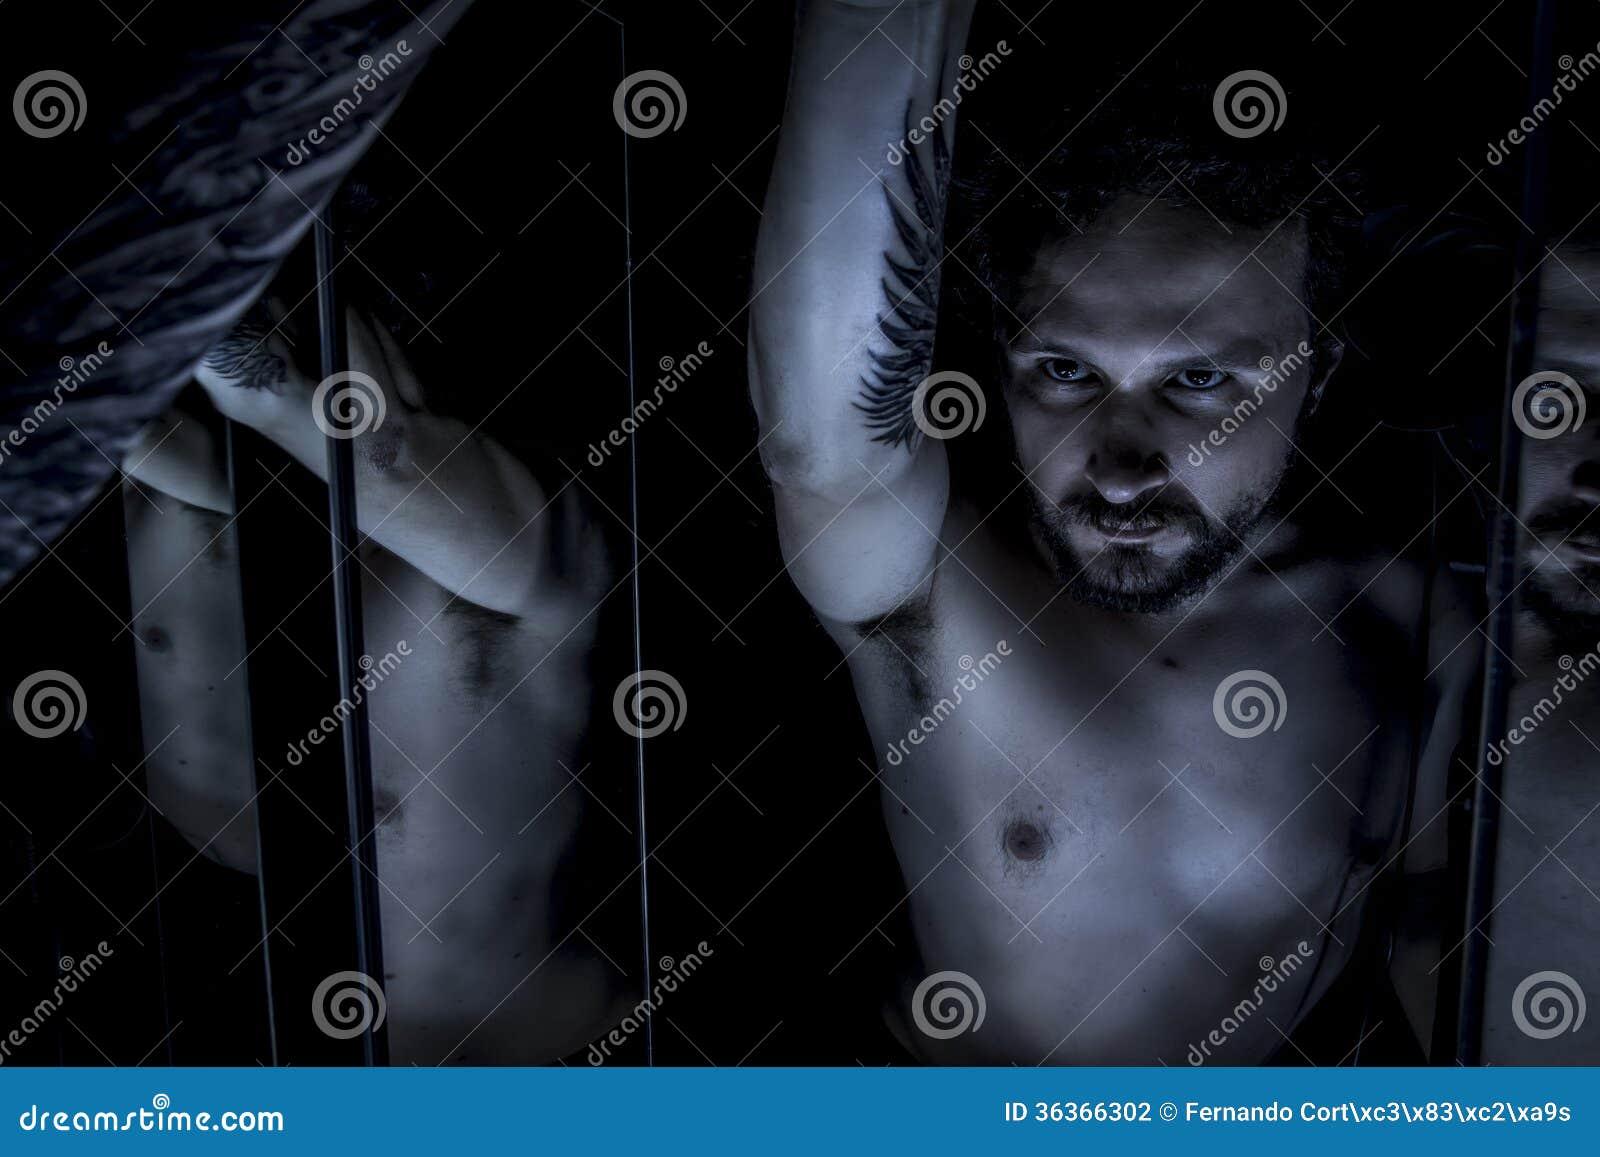 Mirrors, Male model, evil, blind, fallen angel of death